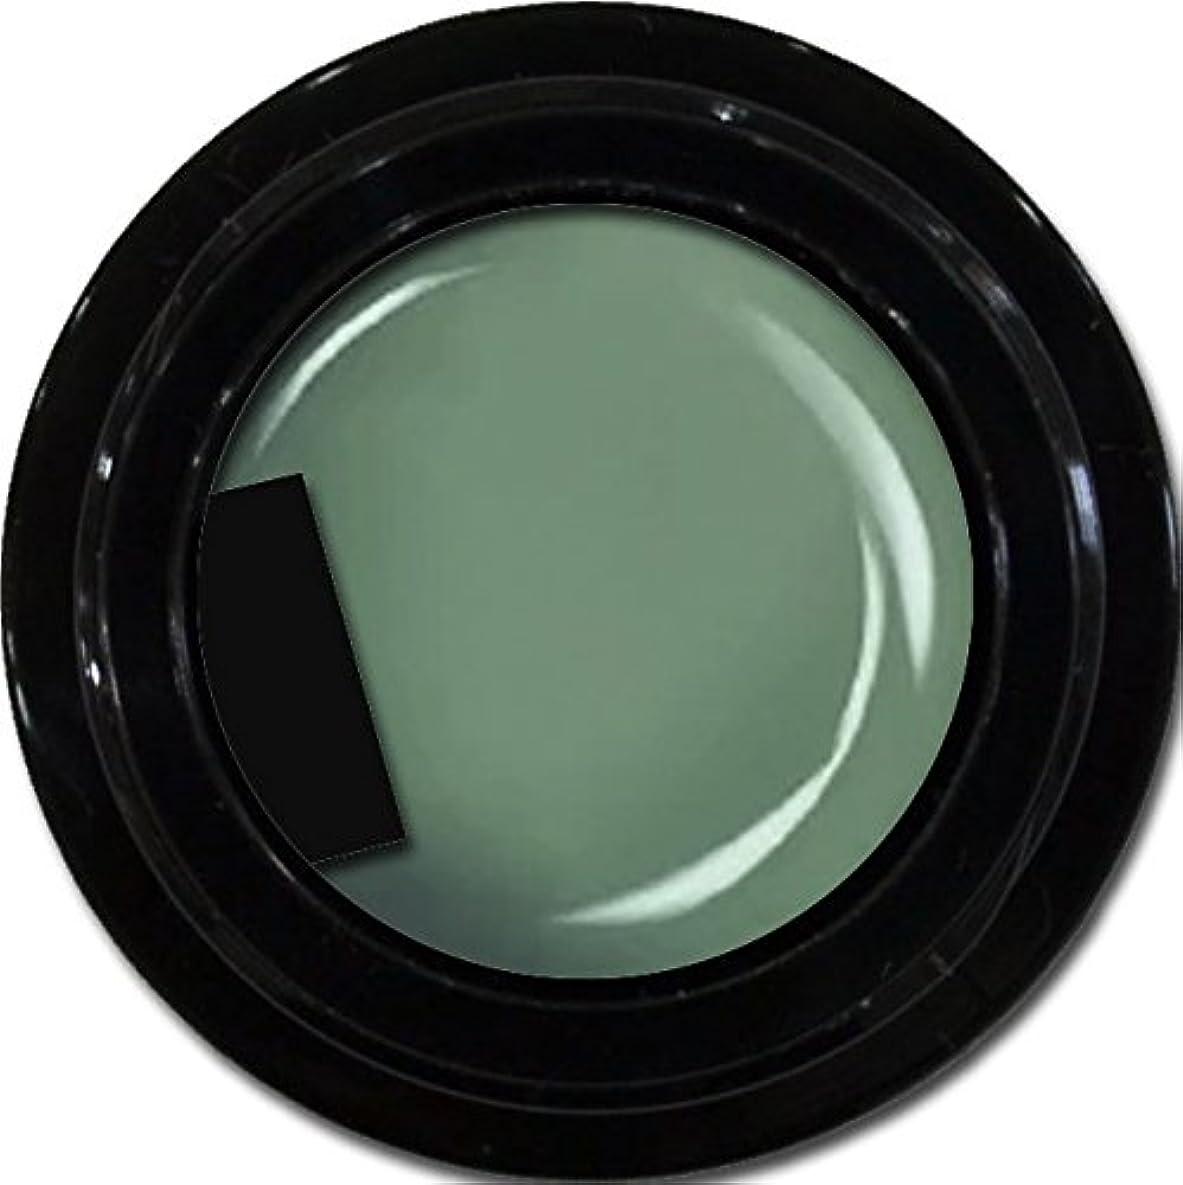 コンパニオンご近所医薬品カラージェル enchant color gel M714 Army 3g/ マットカラージェル M714 アーミー 3グラム